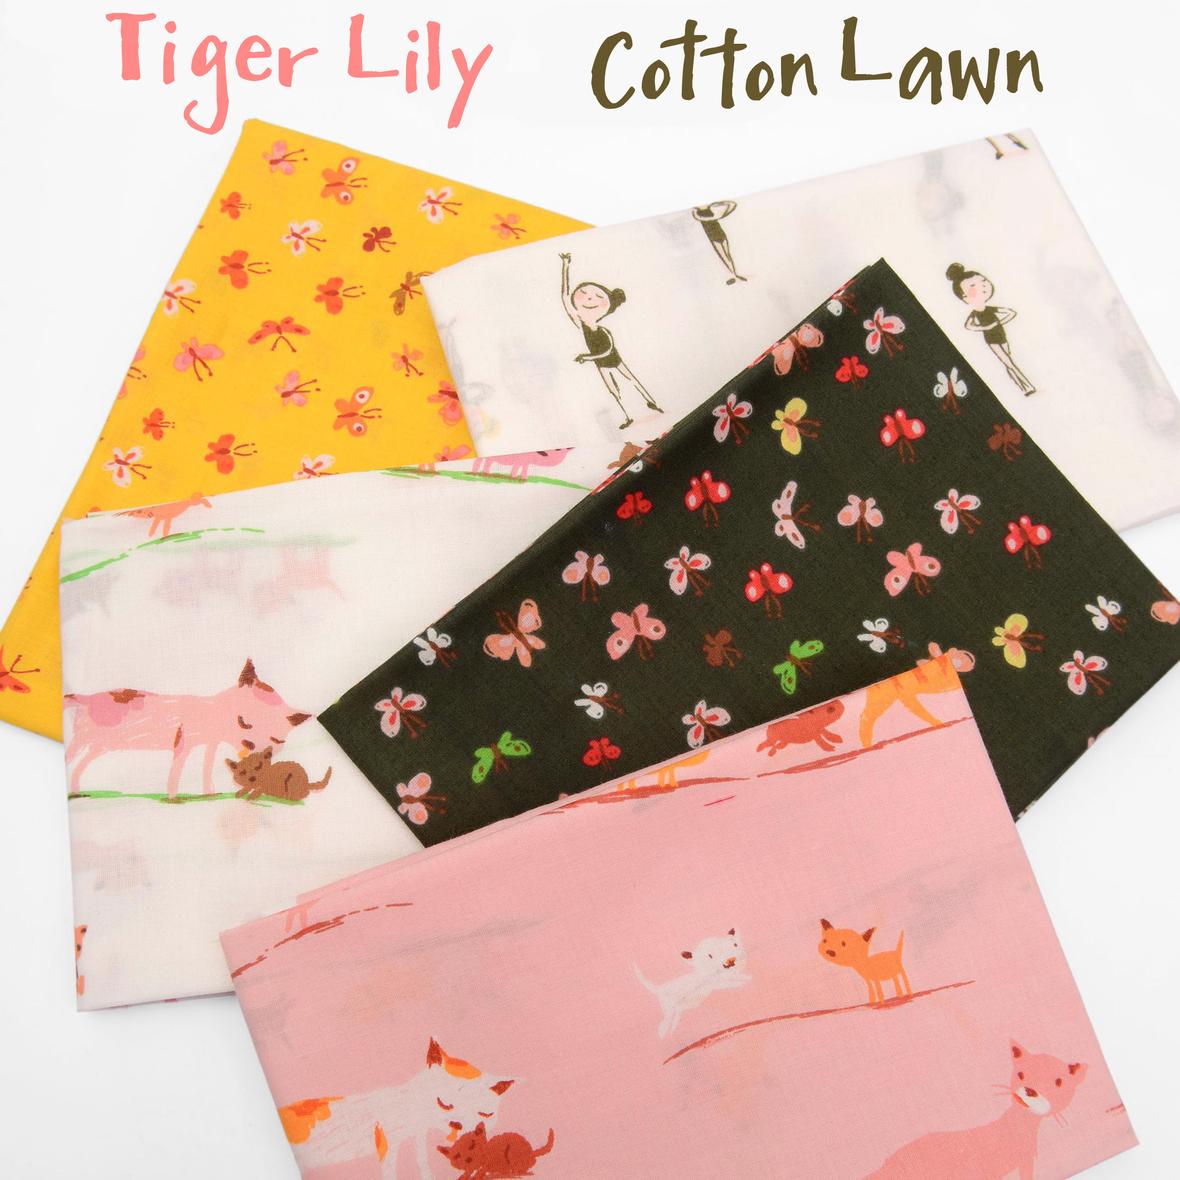 Tiger Lily Cotton Lawn 2